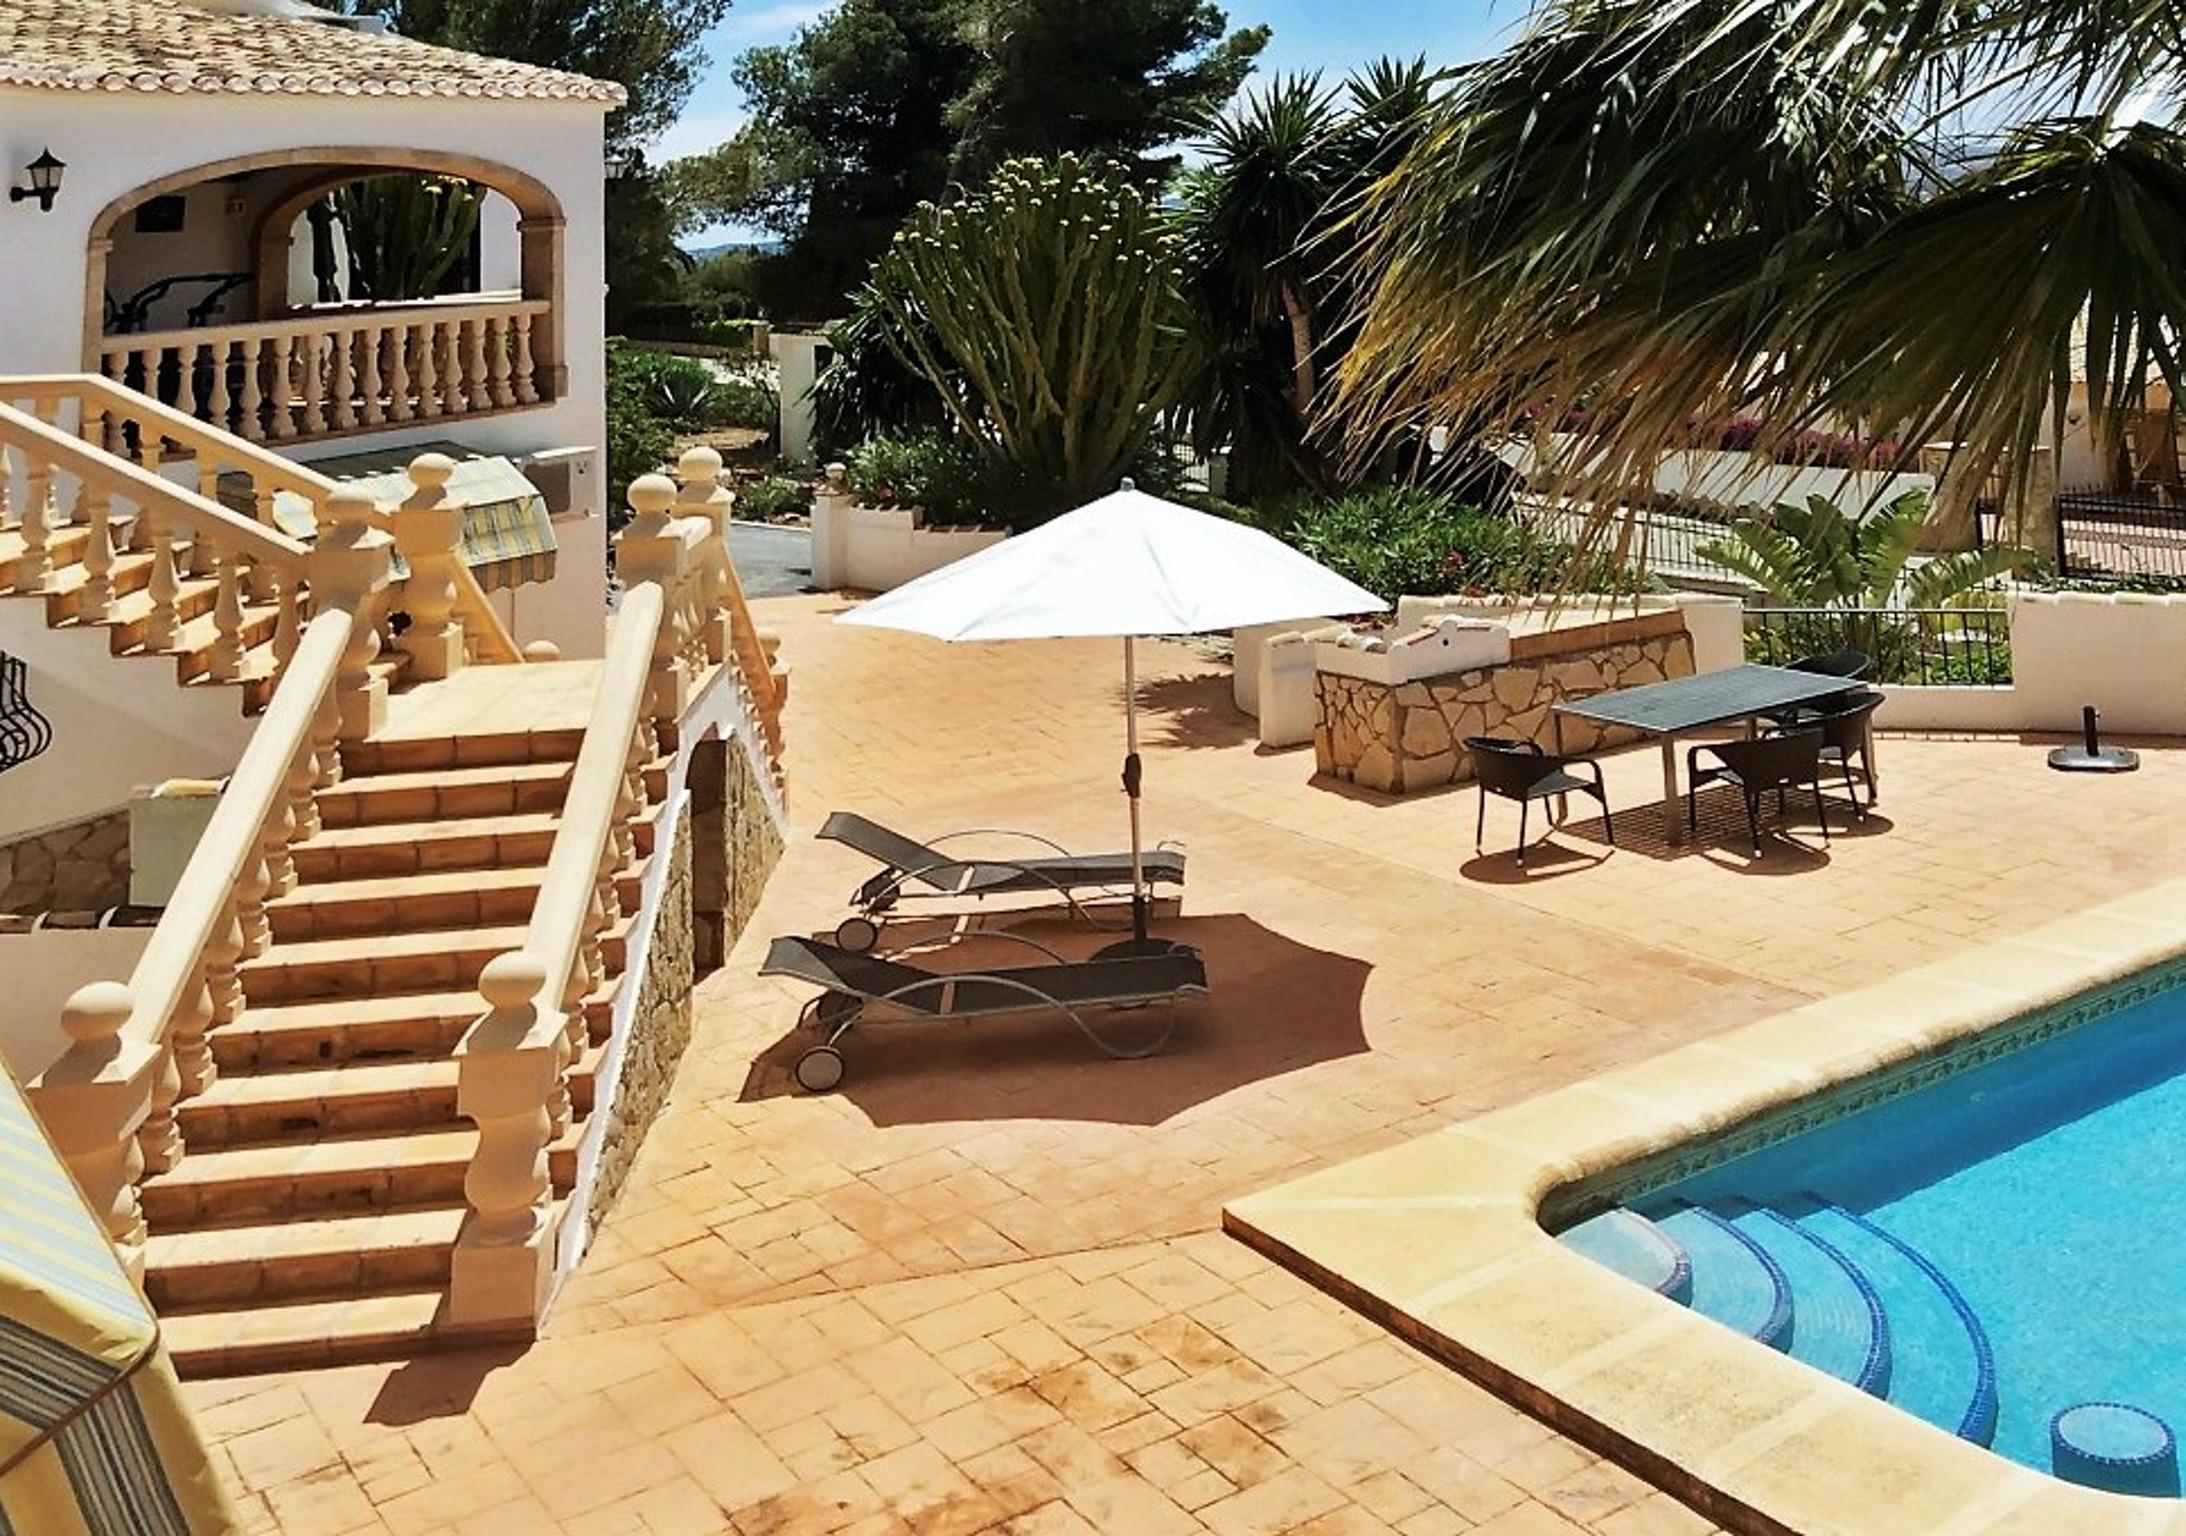 Ferienhaus Geräumige Villa mit fünf Schlafzimmer in Javea mit möblierter Terrasse, Pool und toller Au (2201168), Jávea, Costa Blanca, Valencia, Spanien, Bild 14